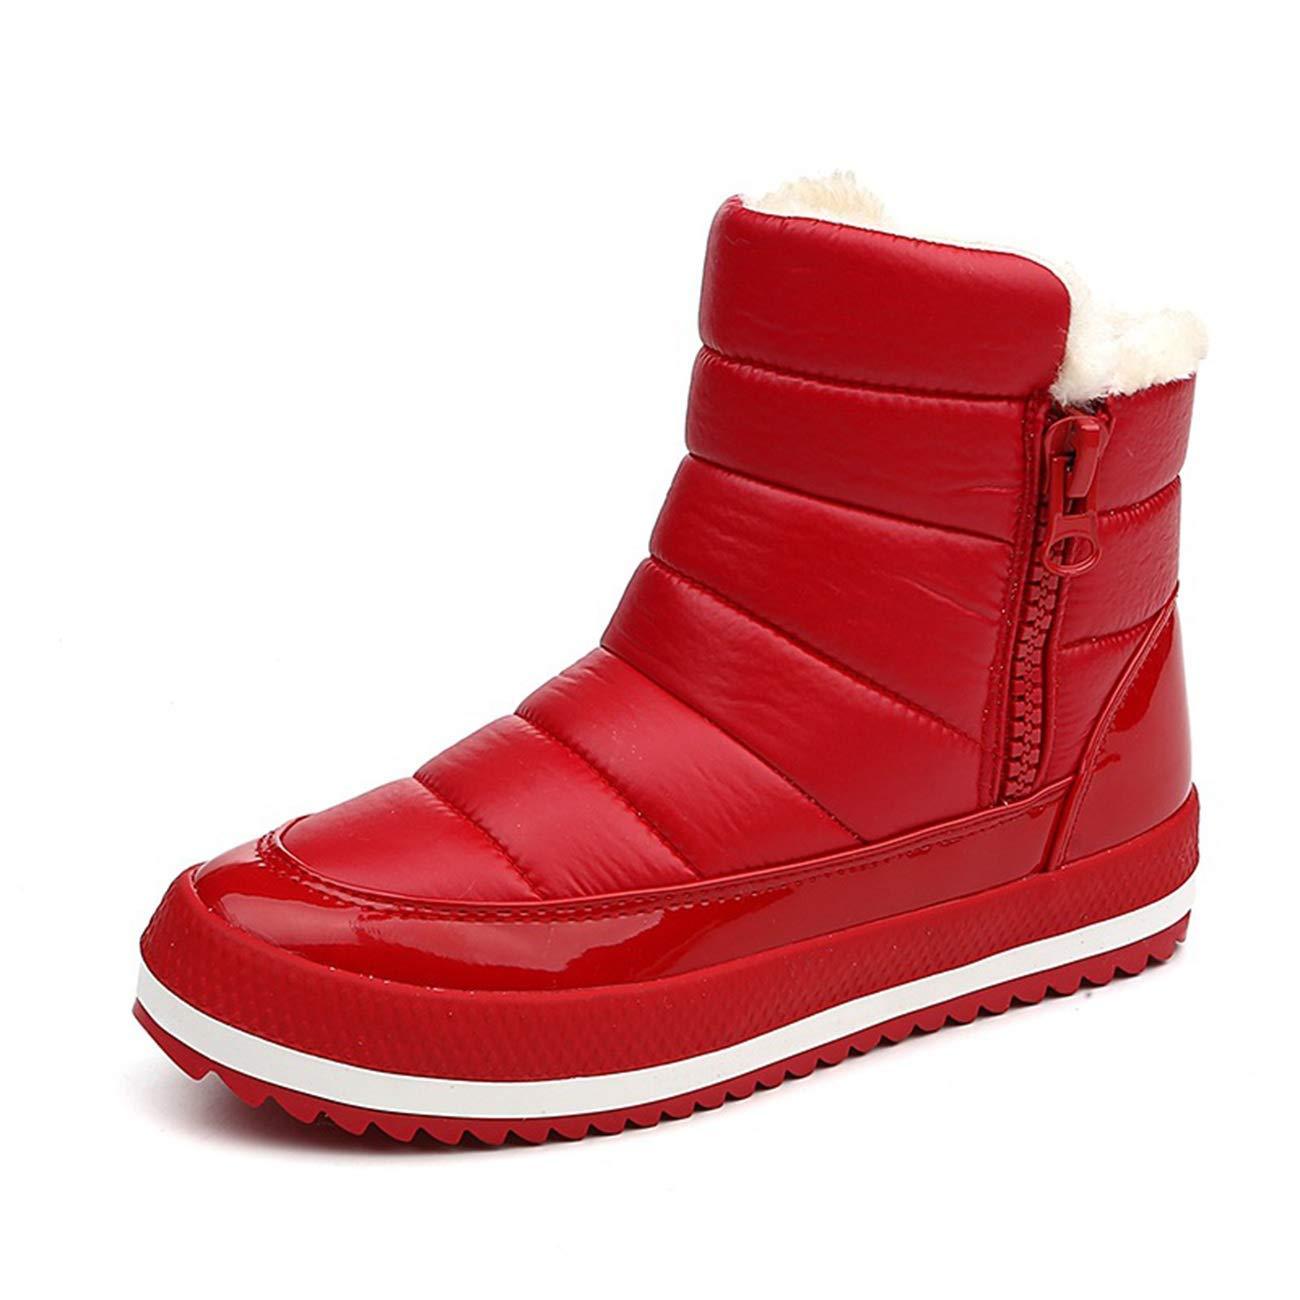 Qiusa Damen Runde Runde Runde Zehe Flache Zip Schneeschuhe (Farbe   Rot, Größe   3 UK) afd0c0